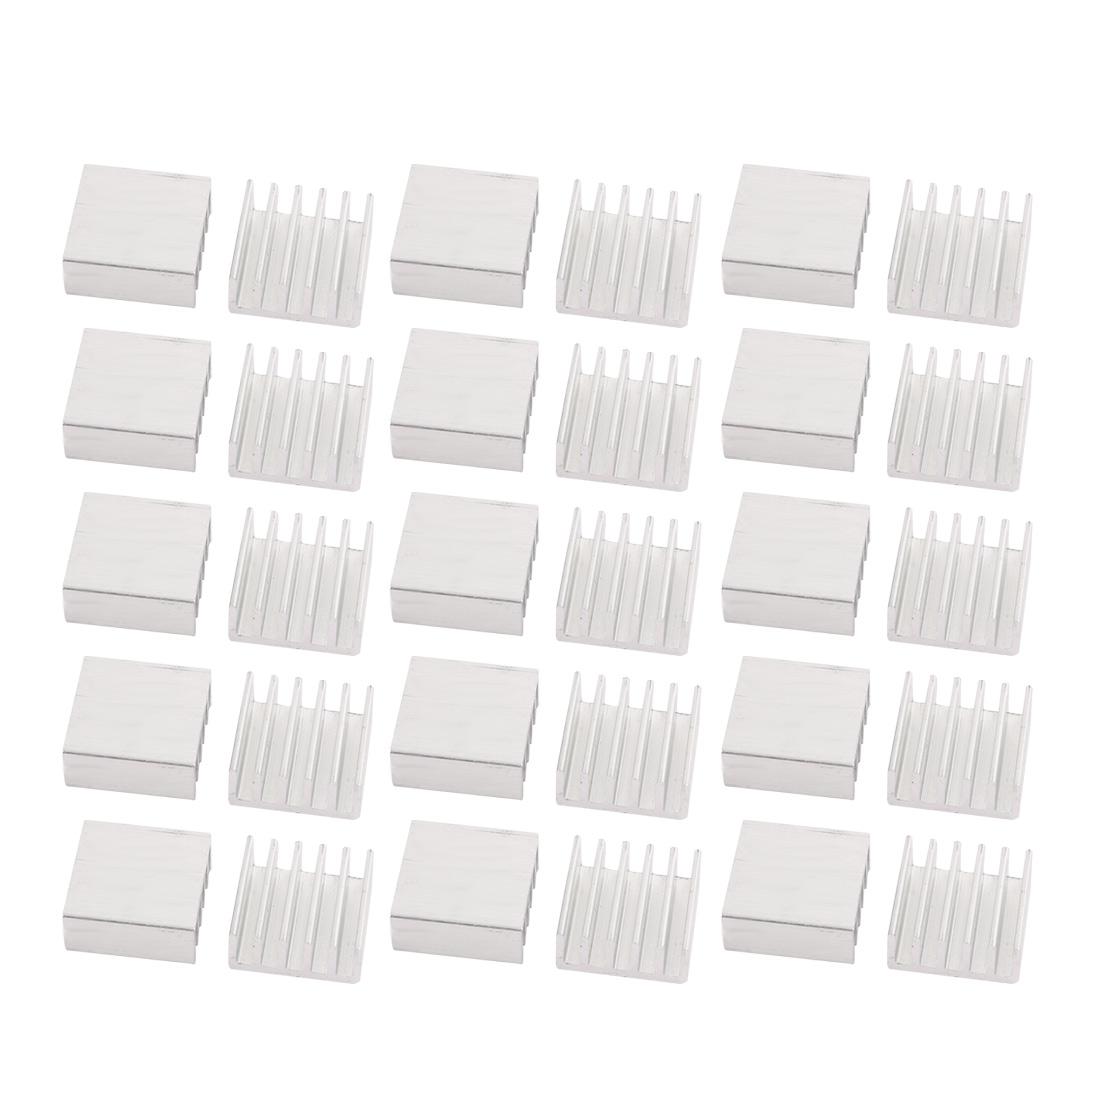 30pcs 14mmx14mmx6mm Aluminum Heatsink Heat Diffuse Cooling Fin